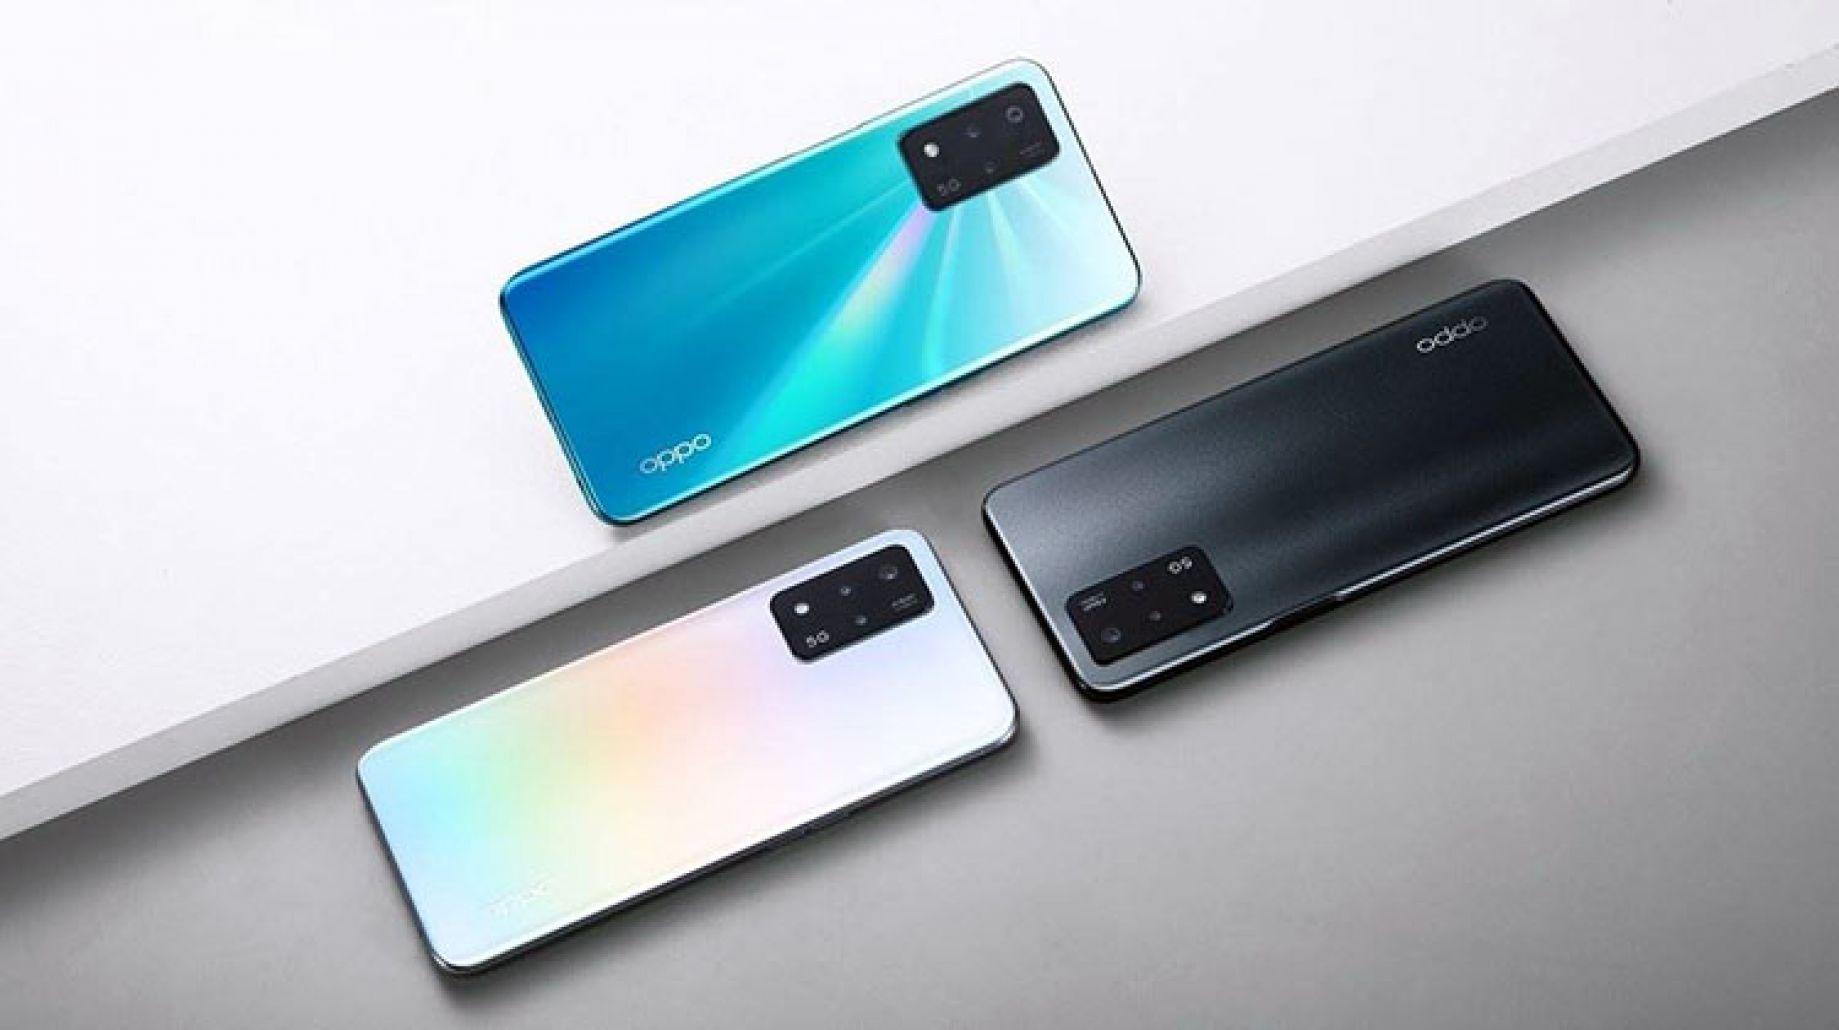 Oppo تعلن عن نسخة جديدة من هاتف A93 5G بمعالج مختلف